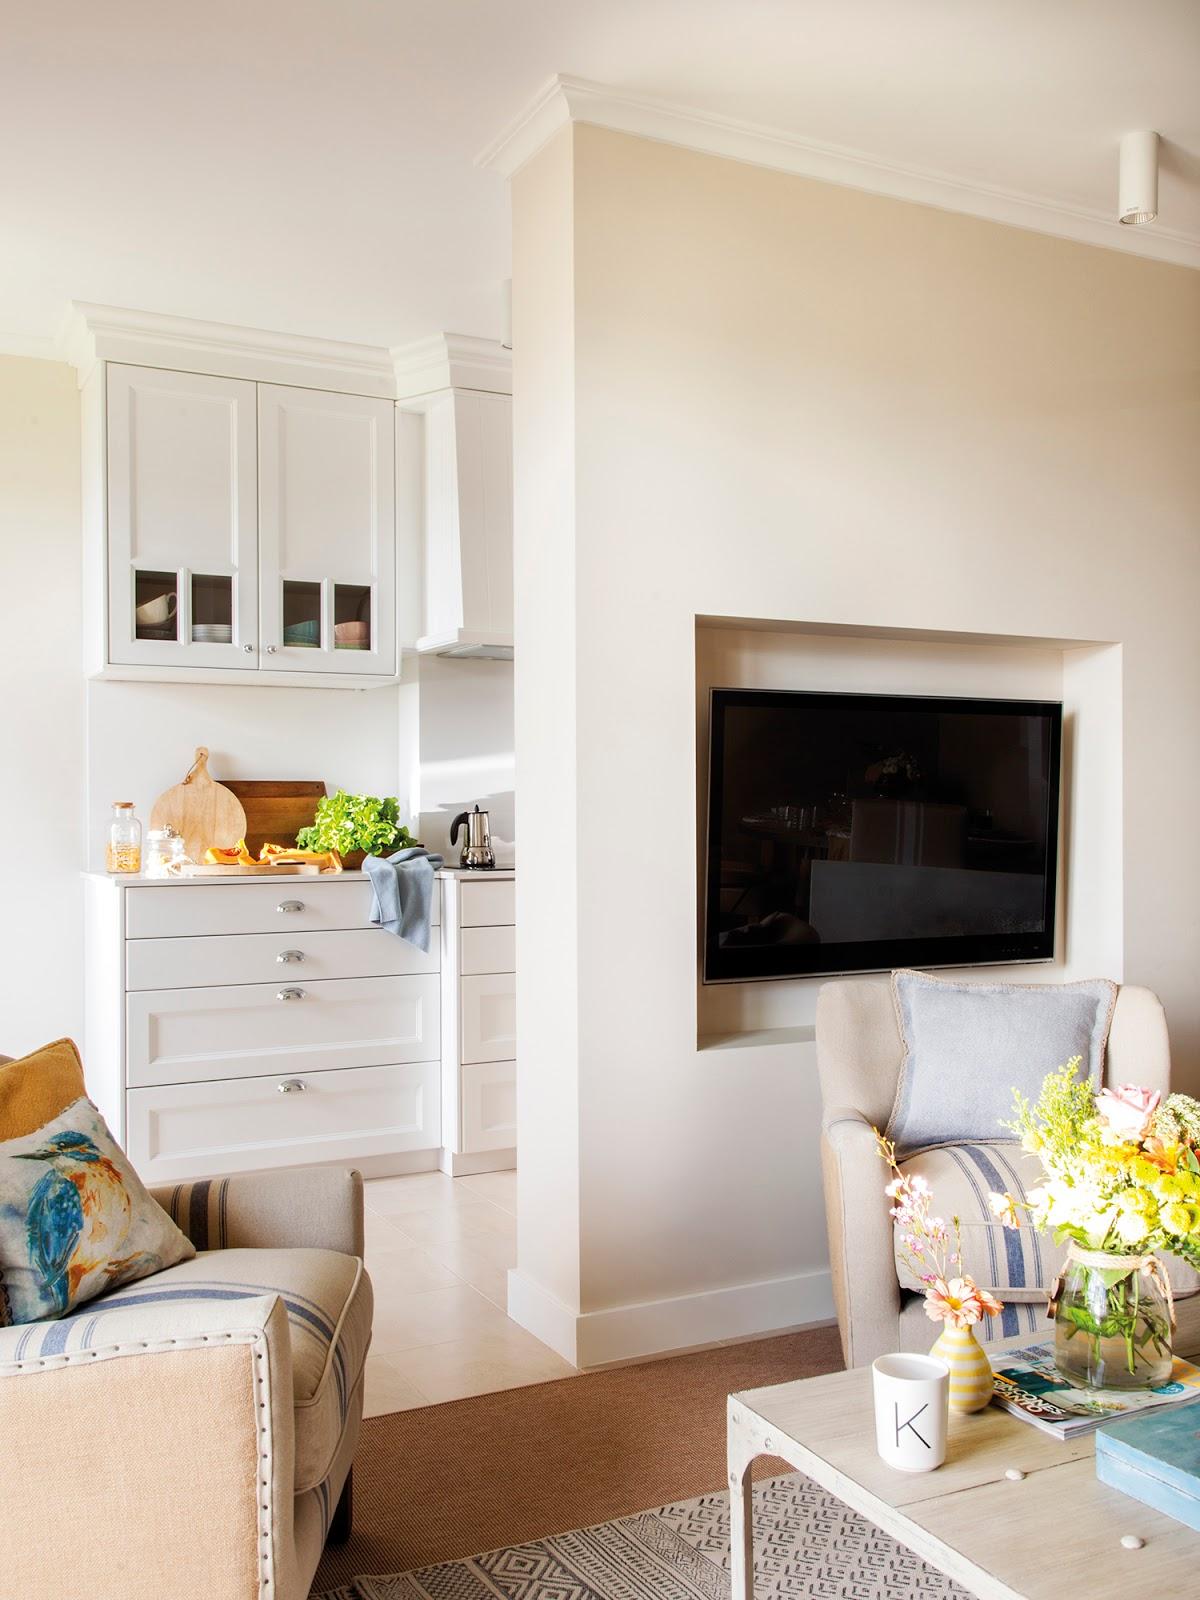 Blog achados de decora o - Adsl para casa barato ...